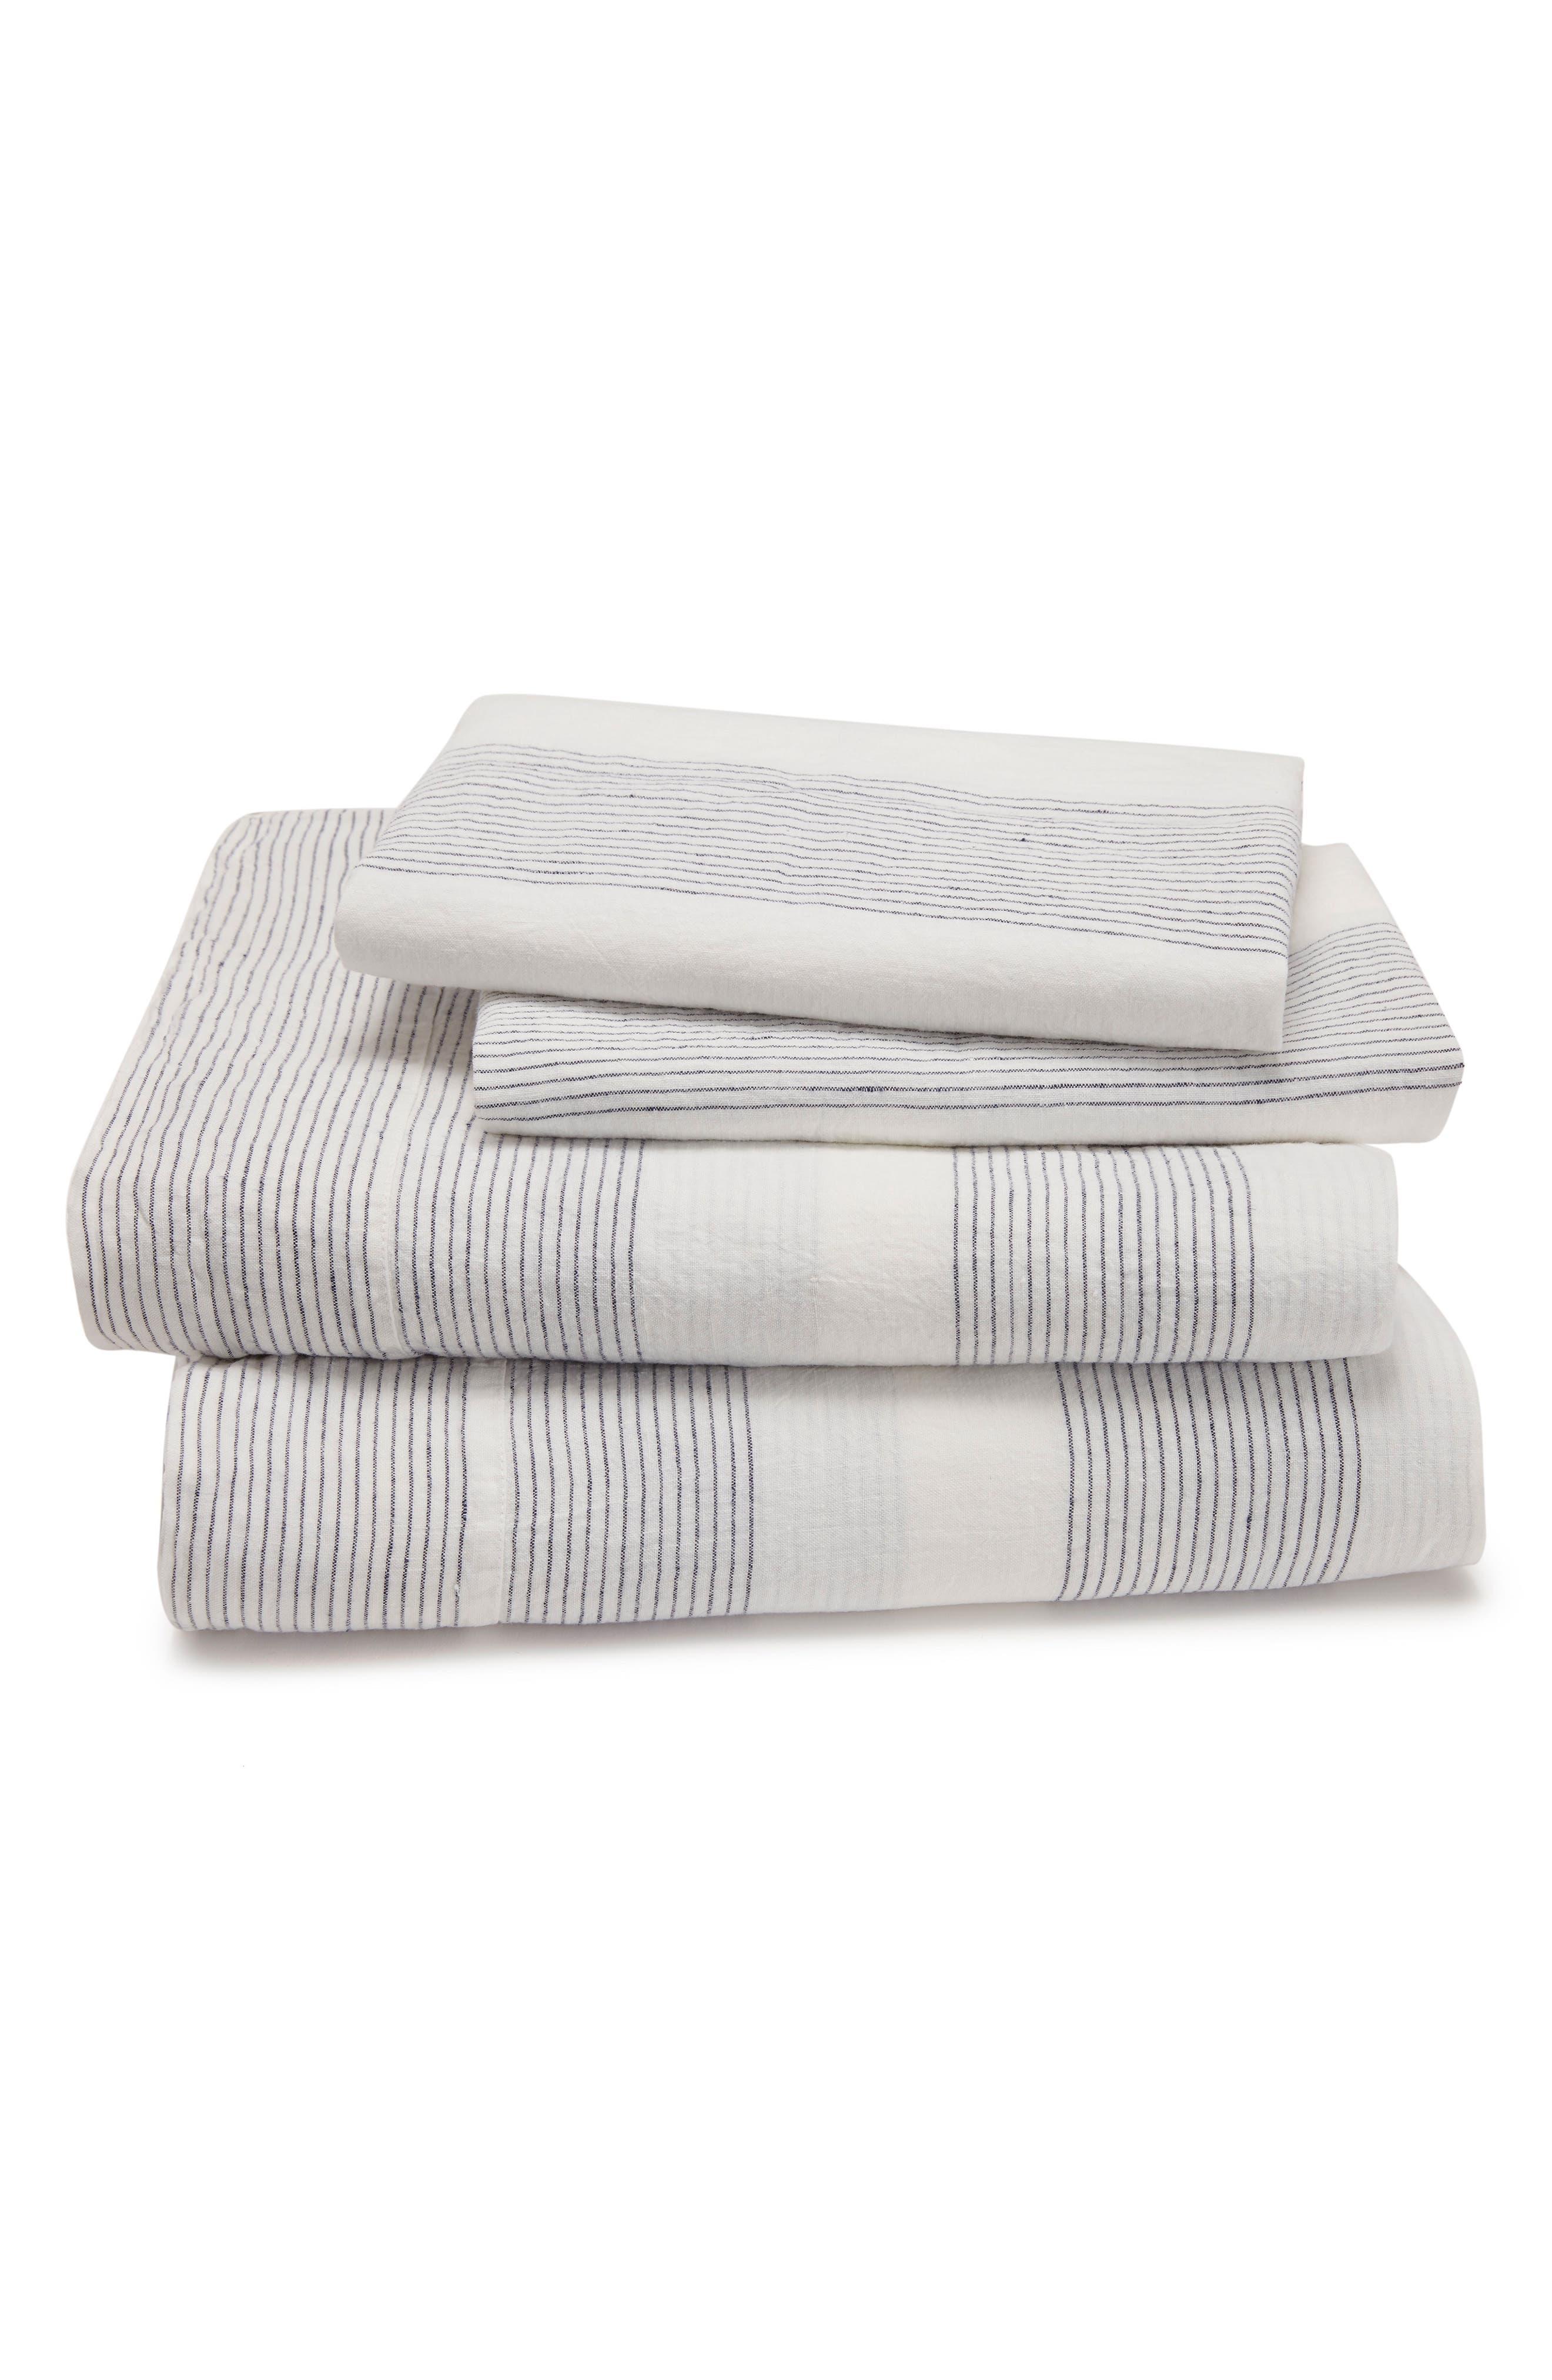 KASSATEX Amagansett Linen 300 Thread Count Flat Sheet